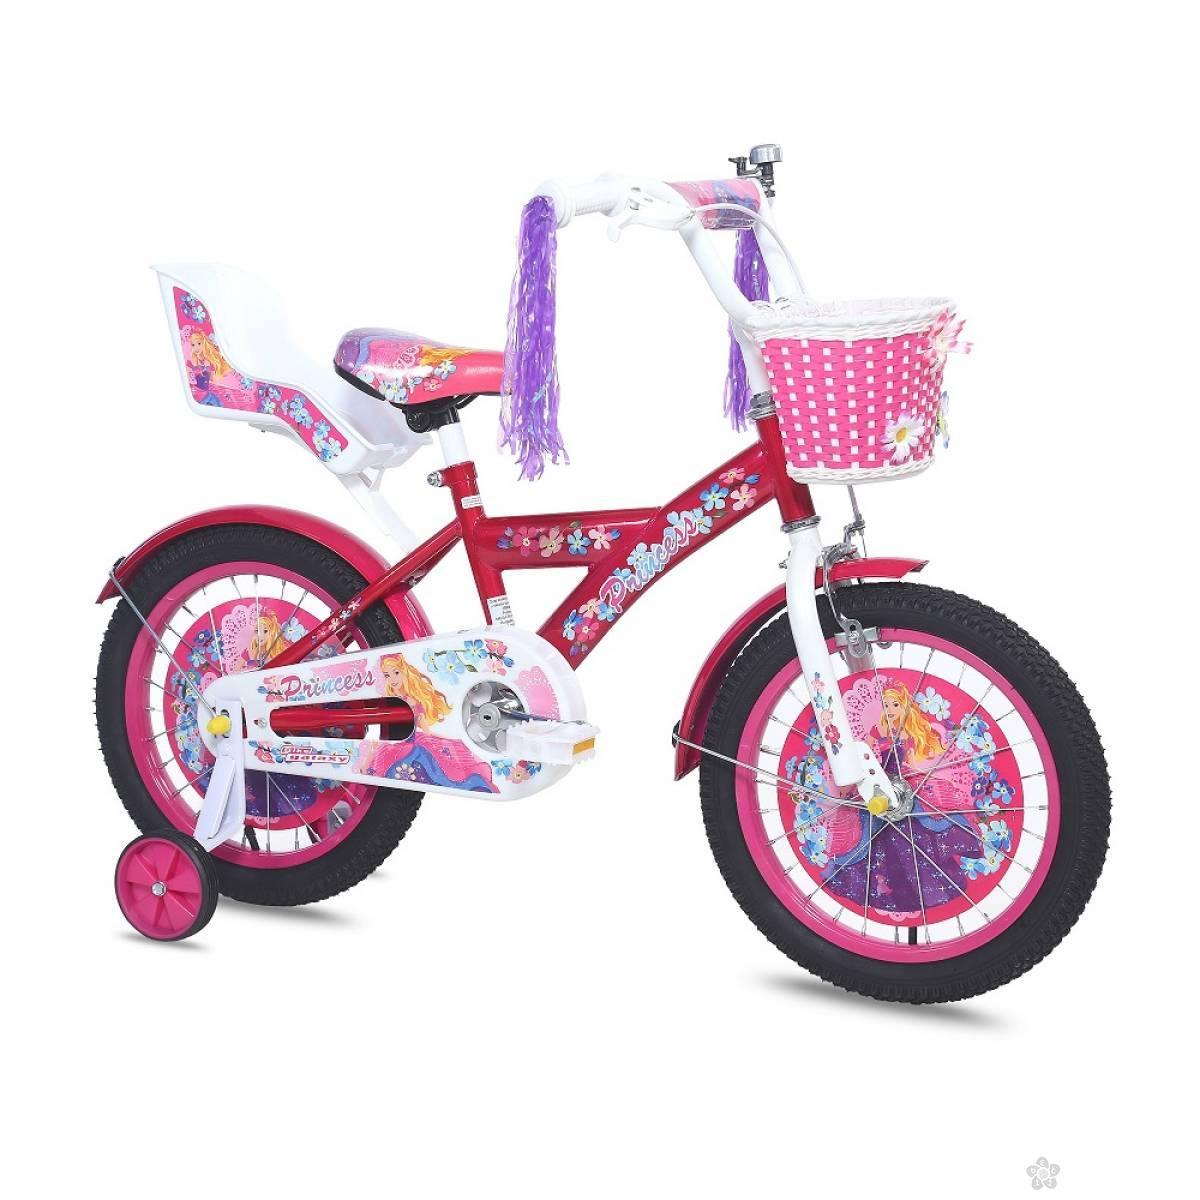 Dečiji Bicikl Princess 20 roza 460142